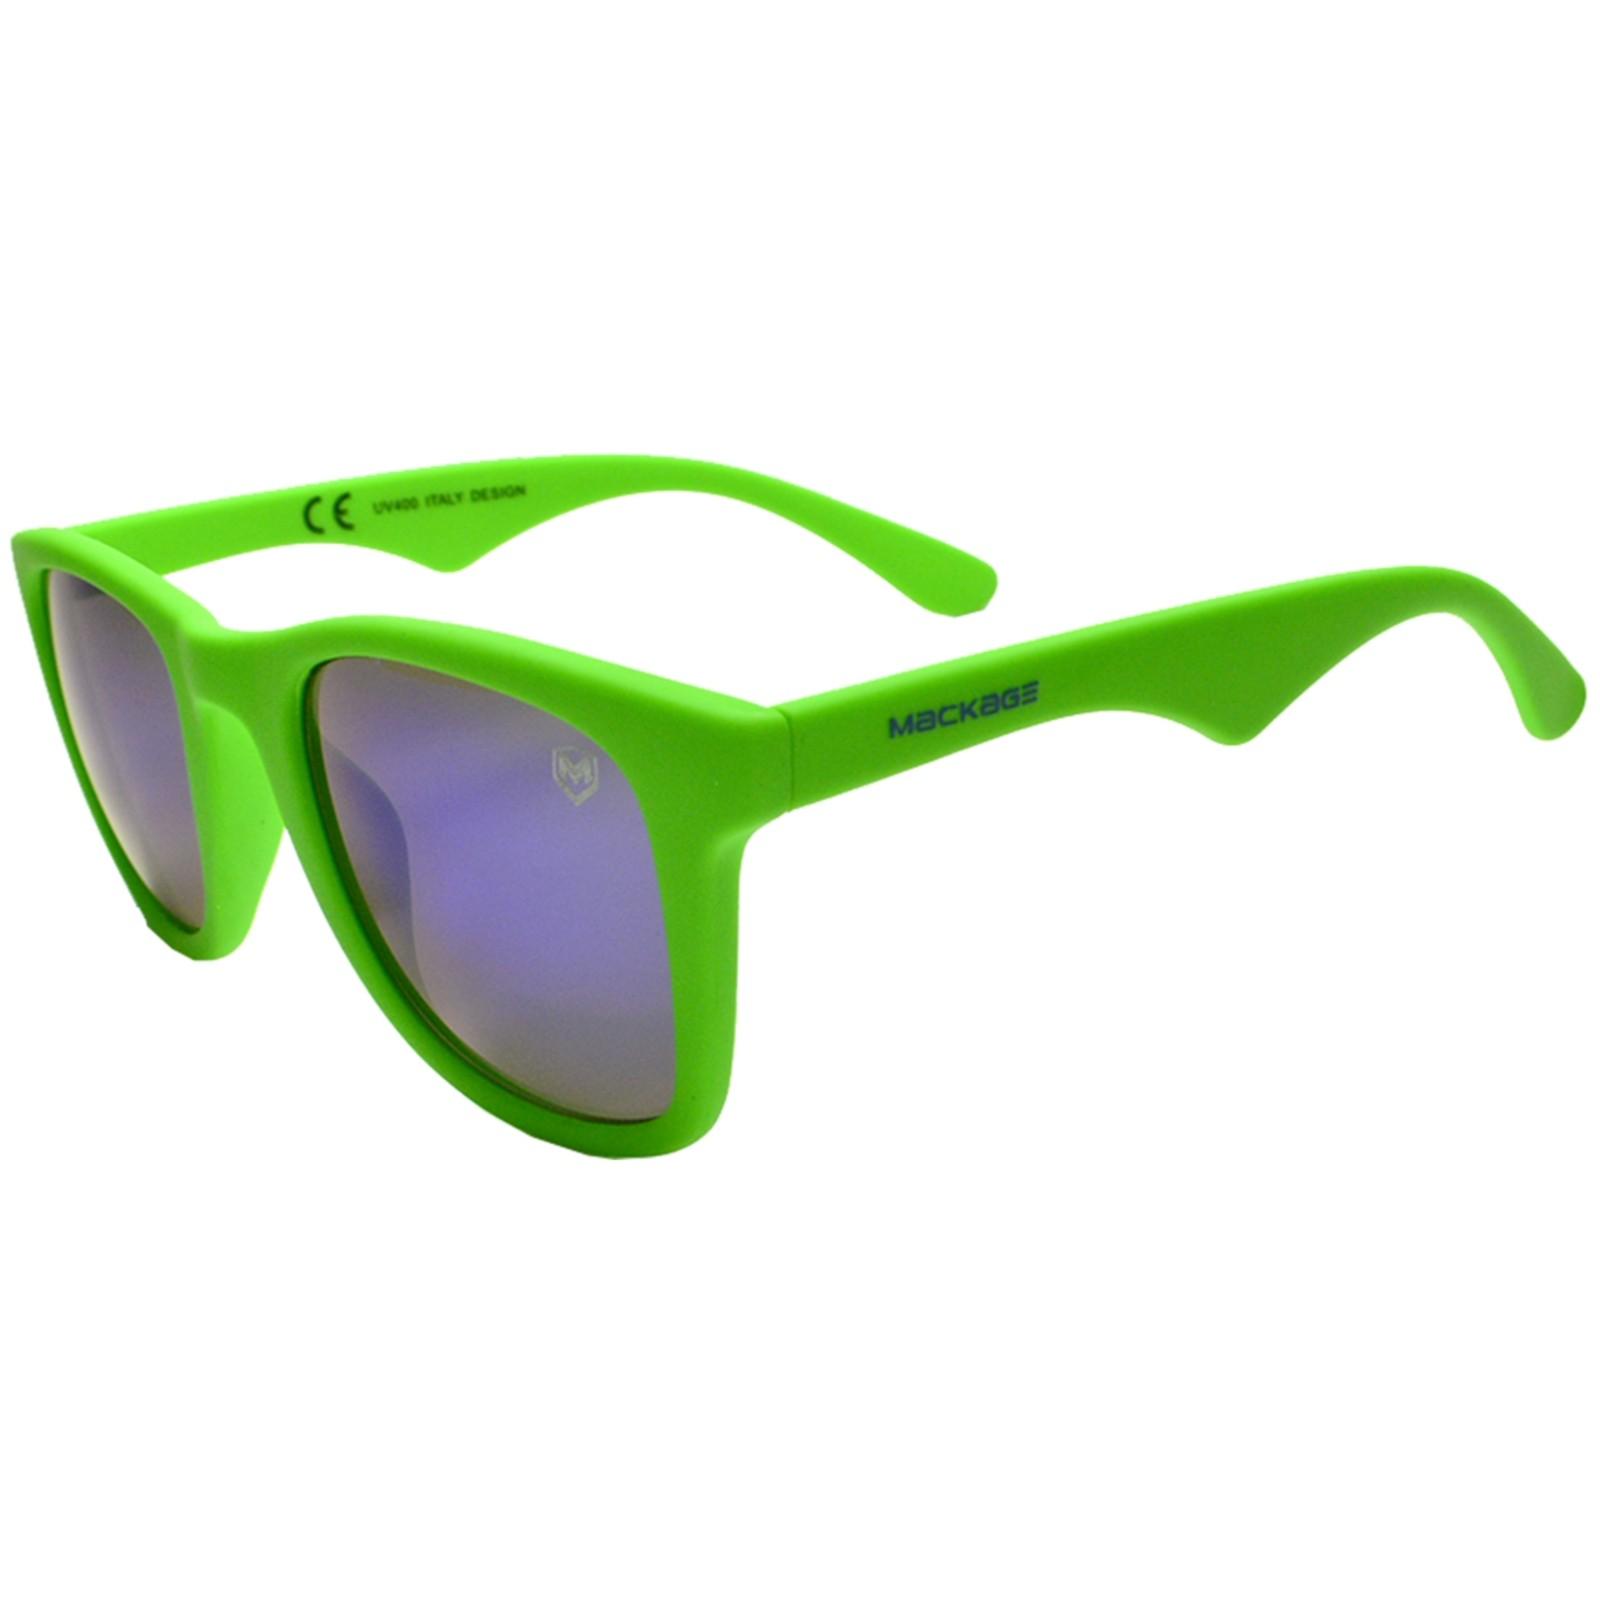 Óculos De Sol Mackage Unissex Acetato Justin - Verde Emborrachado